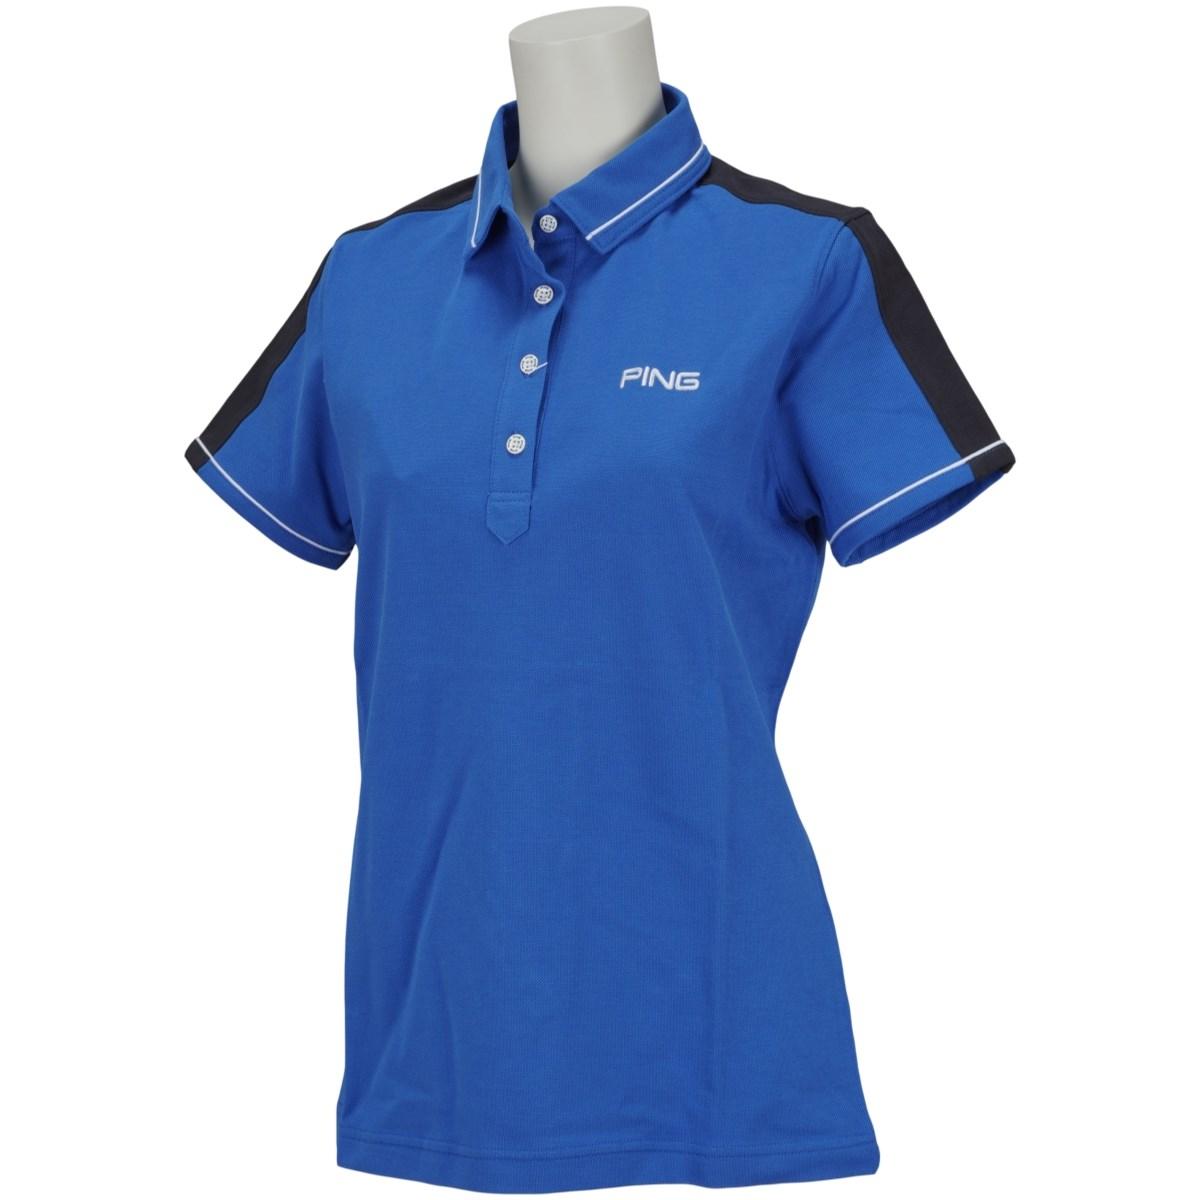 ピン PING 半袖ポロシャツ S ブルー 111 レディス